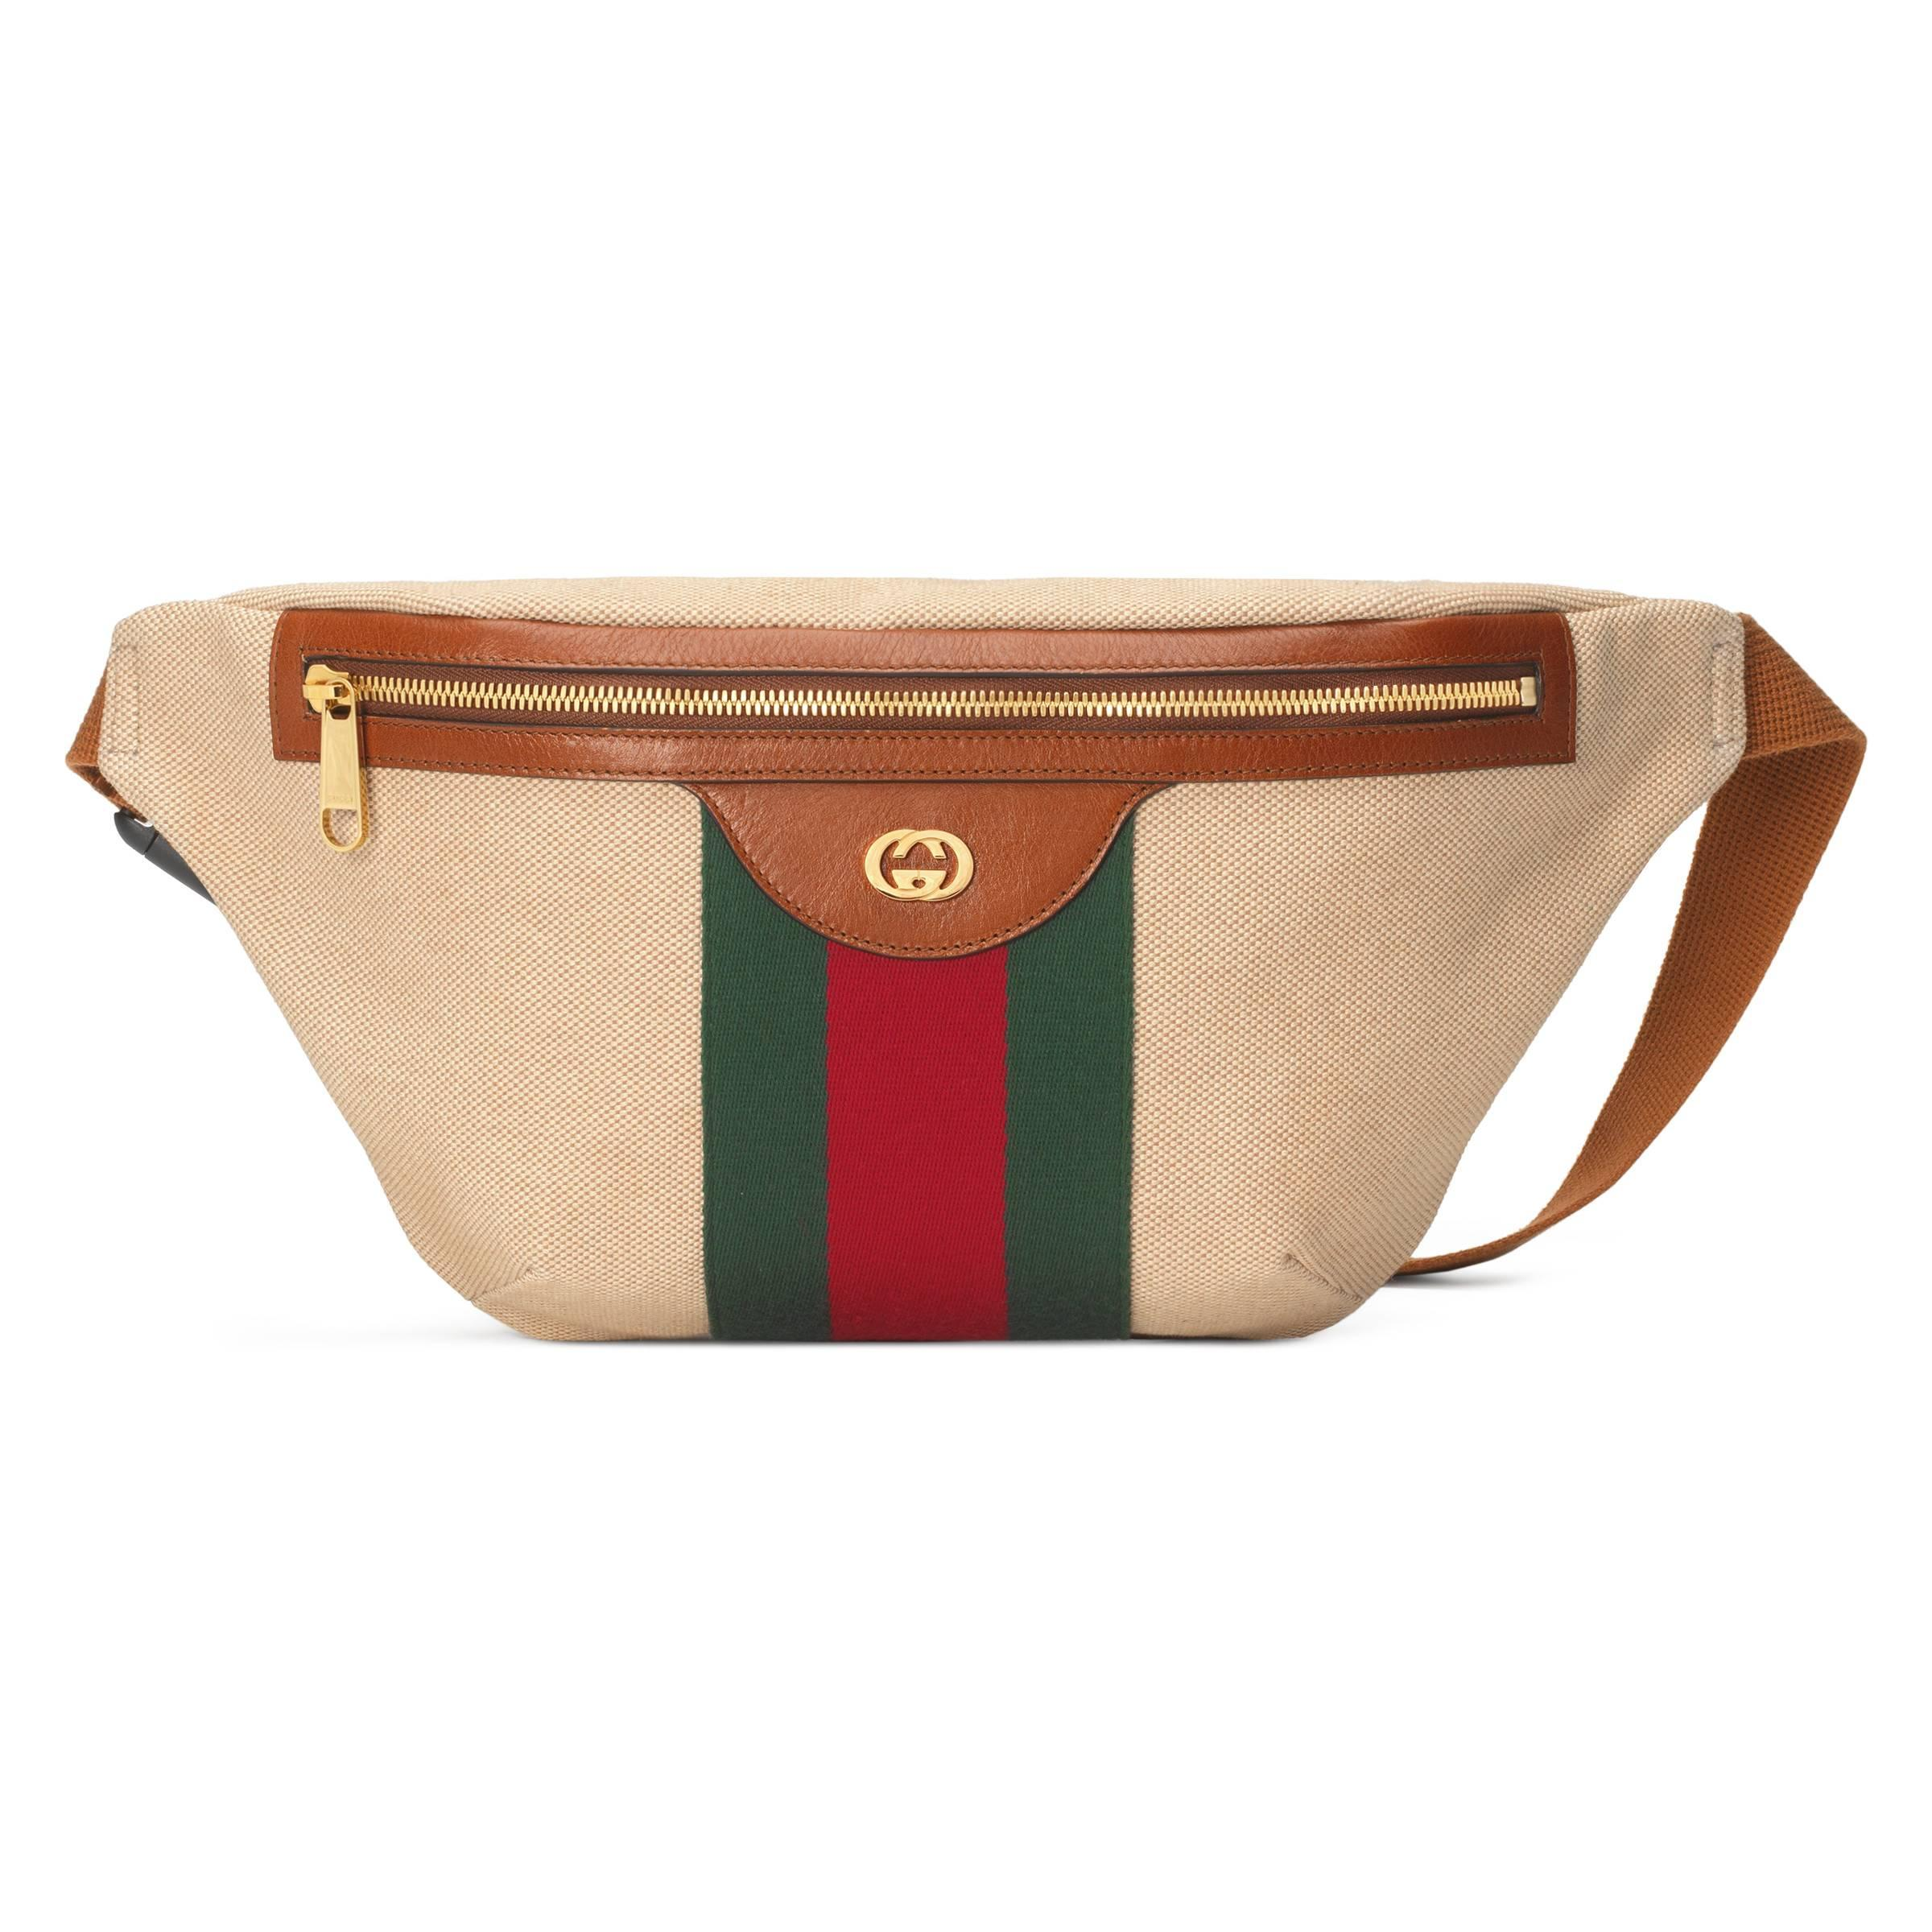 d2d63652124 Lyst - Sac ceinture en toile vintage Gucci pour homme en coloris Neutre